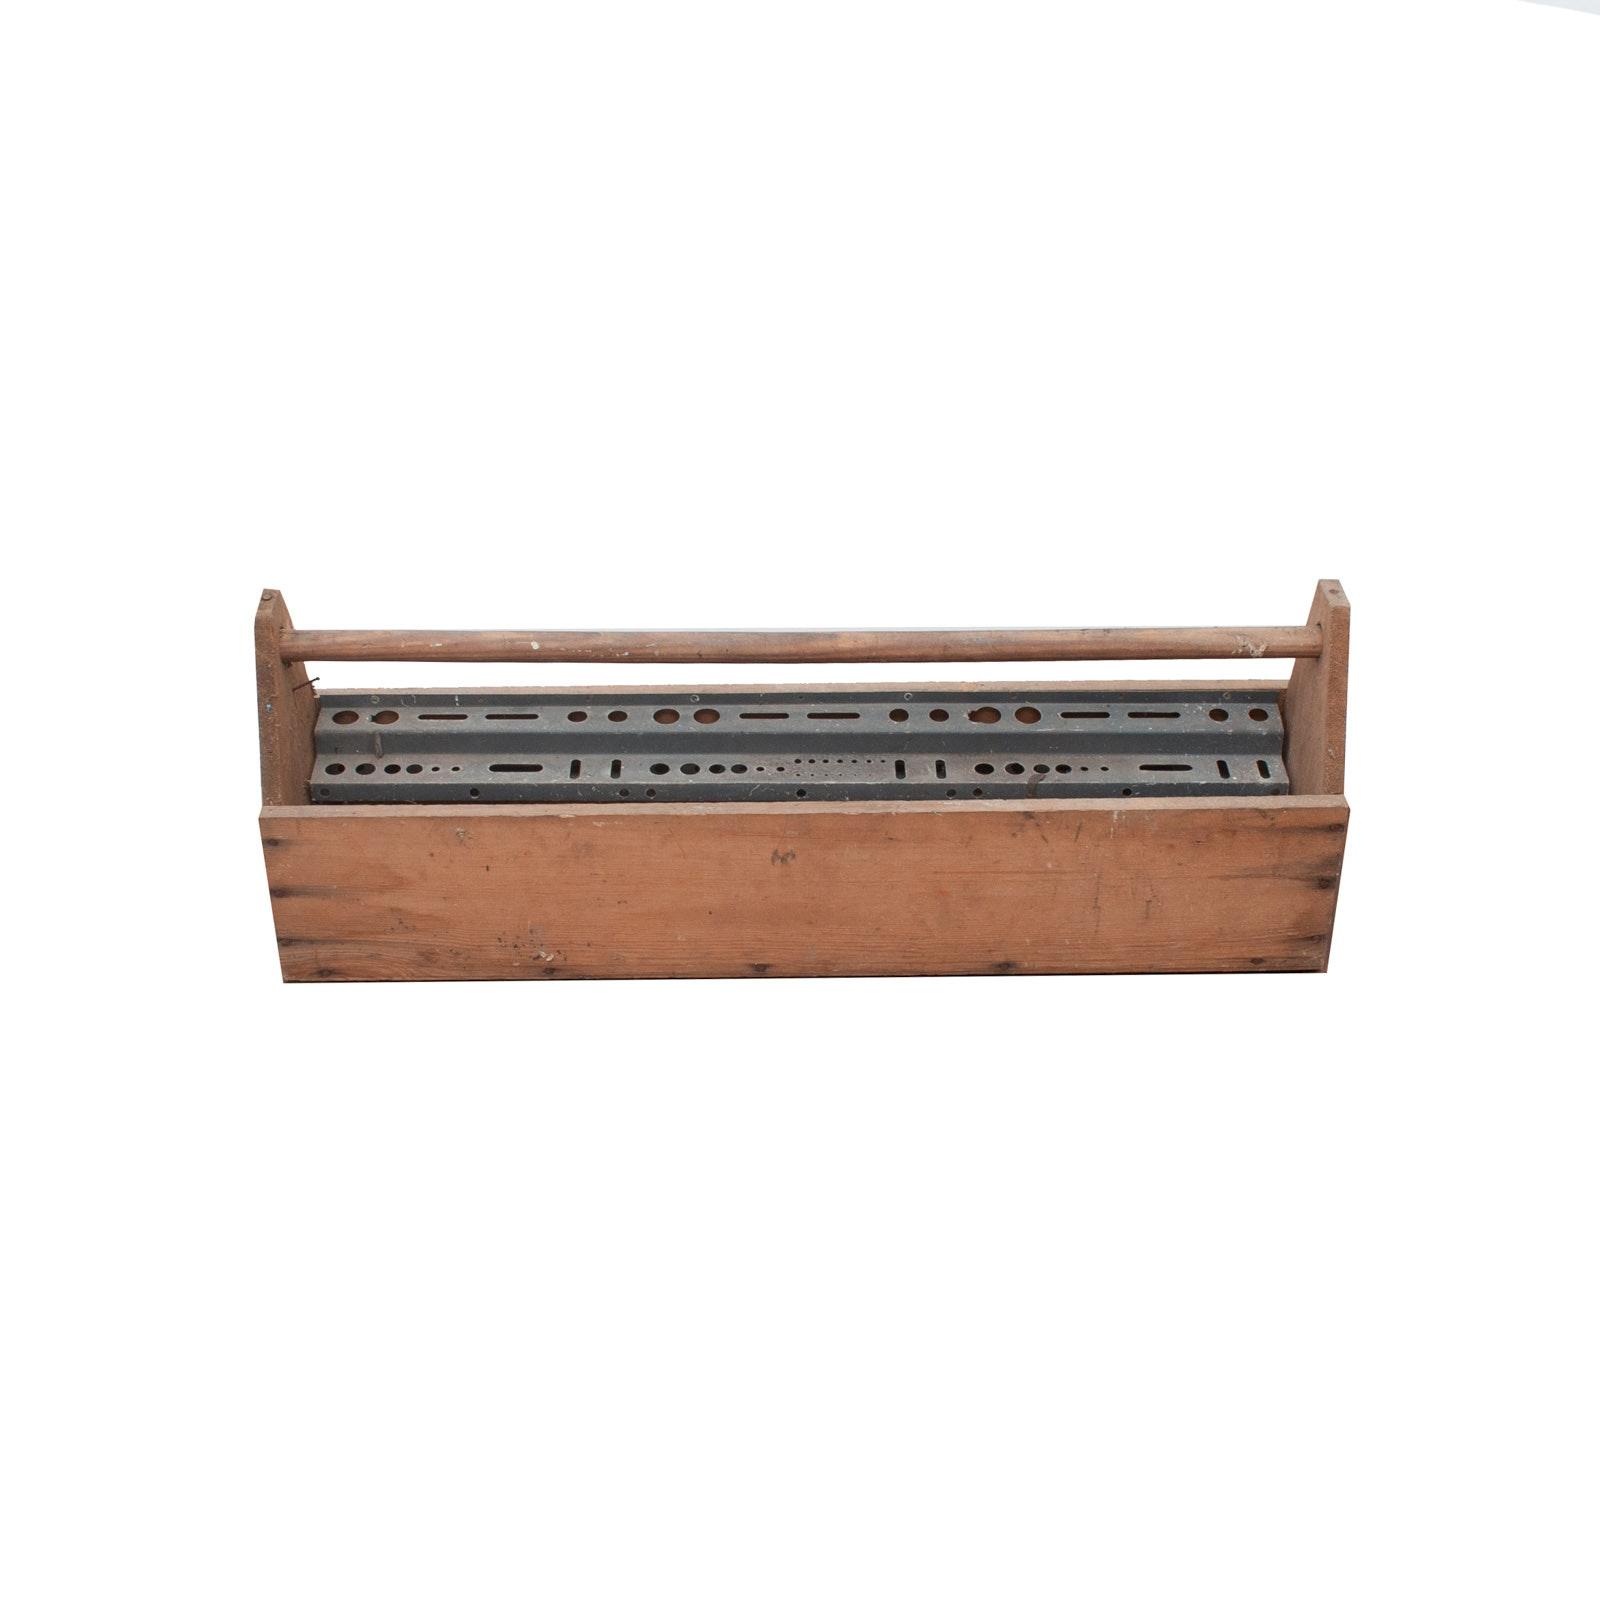 Large Vintage Tool Box